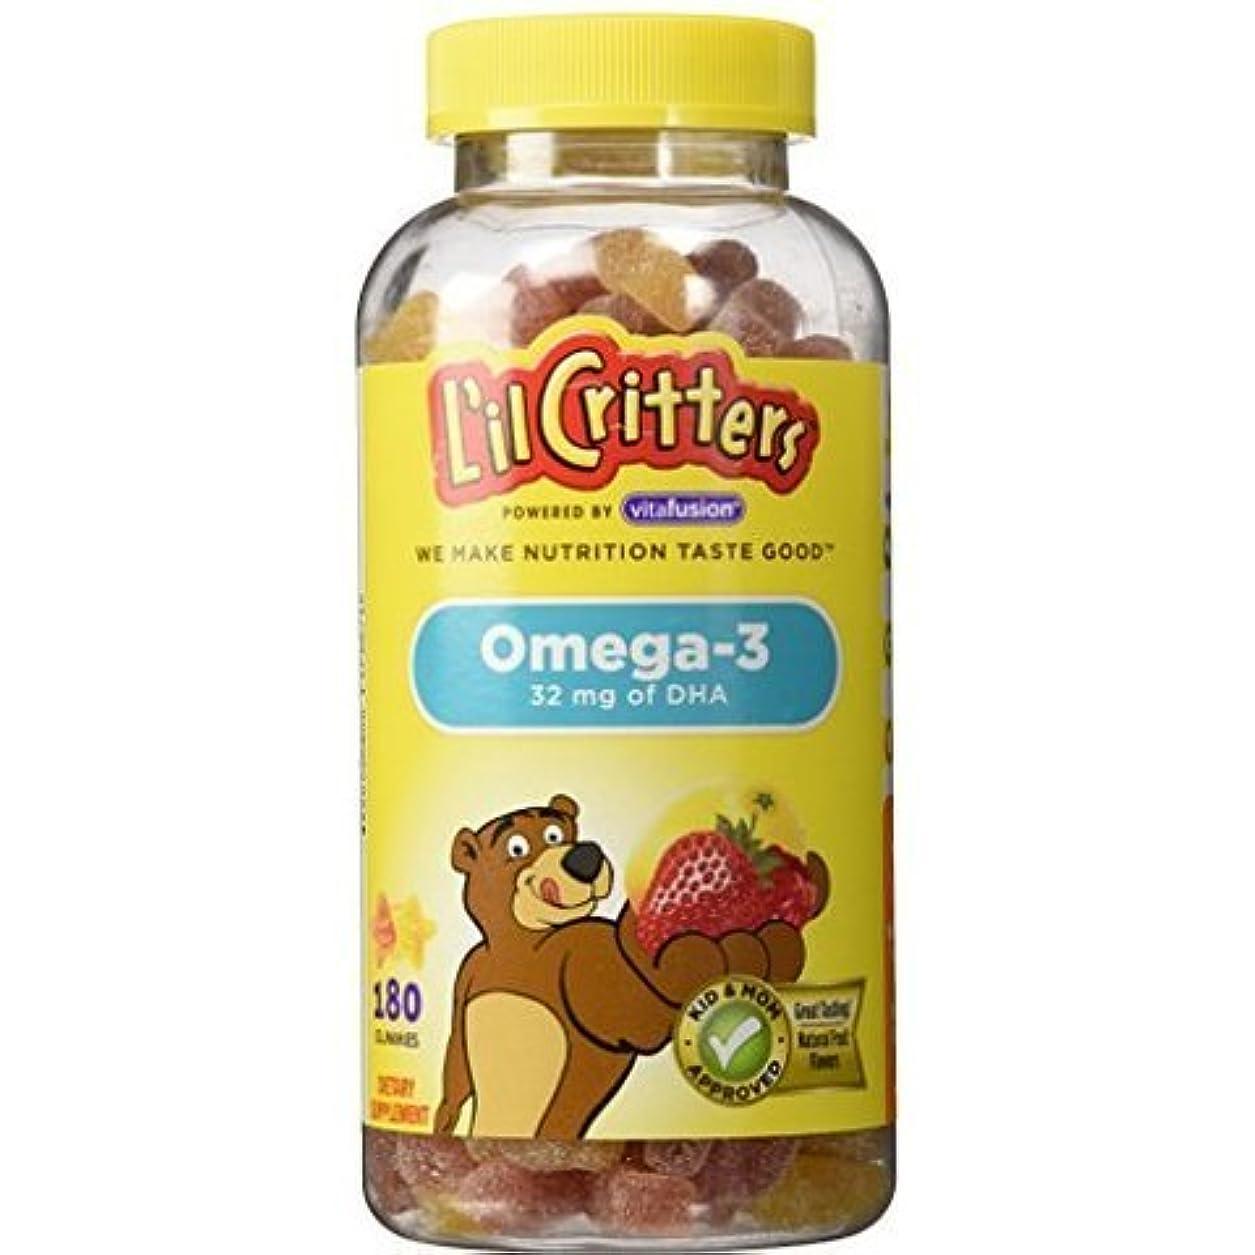 却下する約運搬L'il Critters クルクリターズ 子供用ビタミングミ オメガ3 DHA 180粒 [並行輸入品]